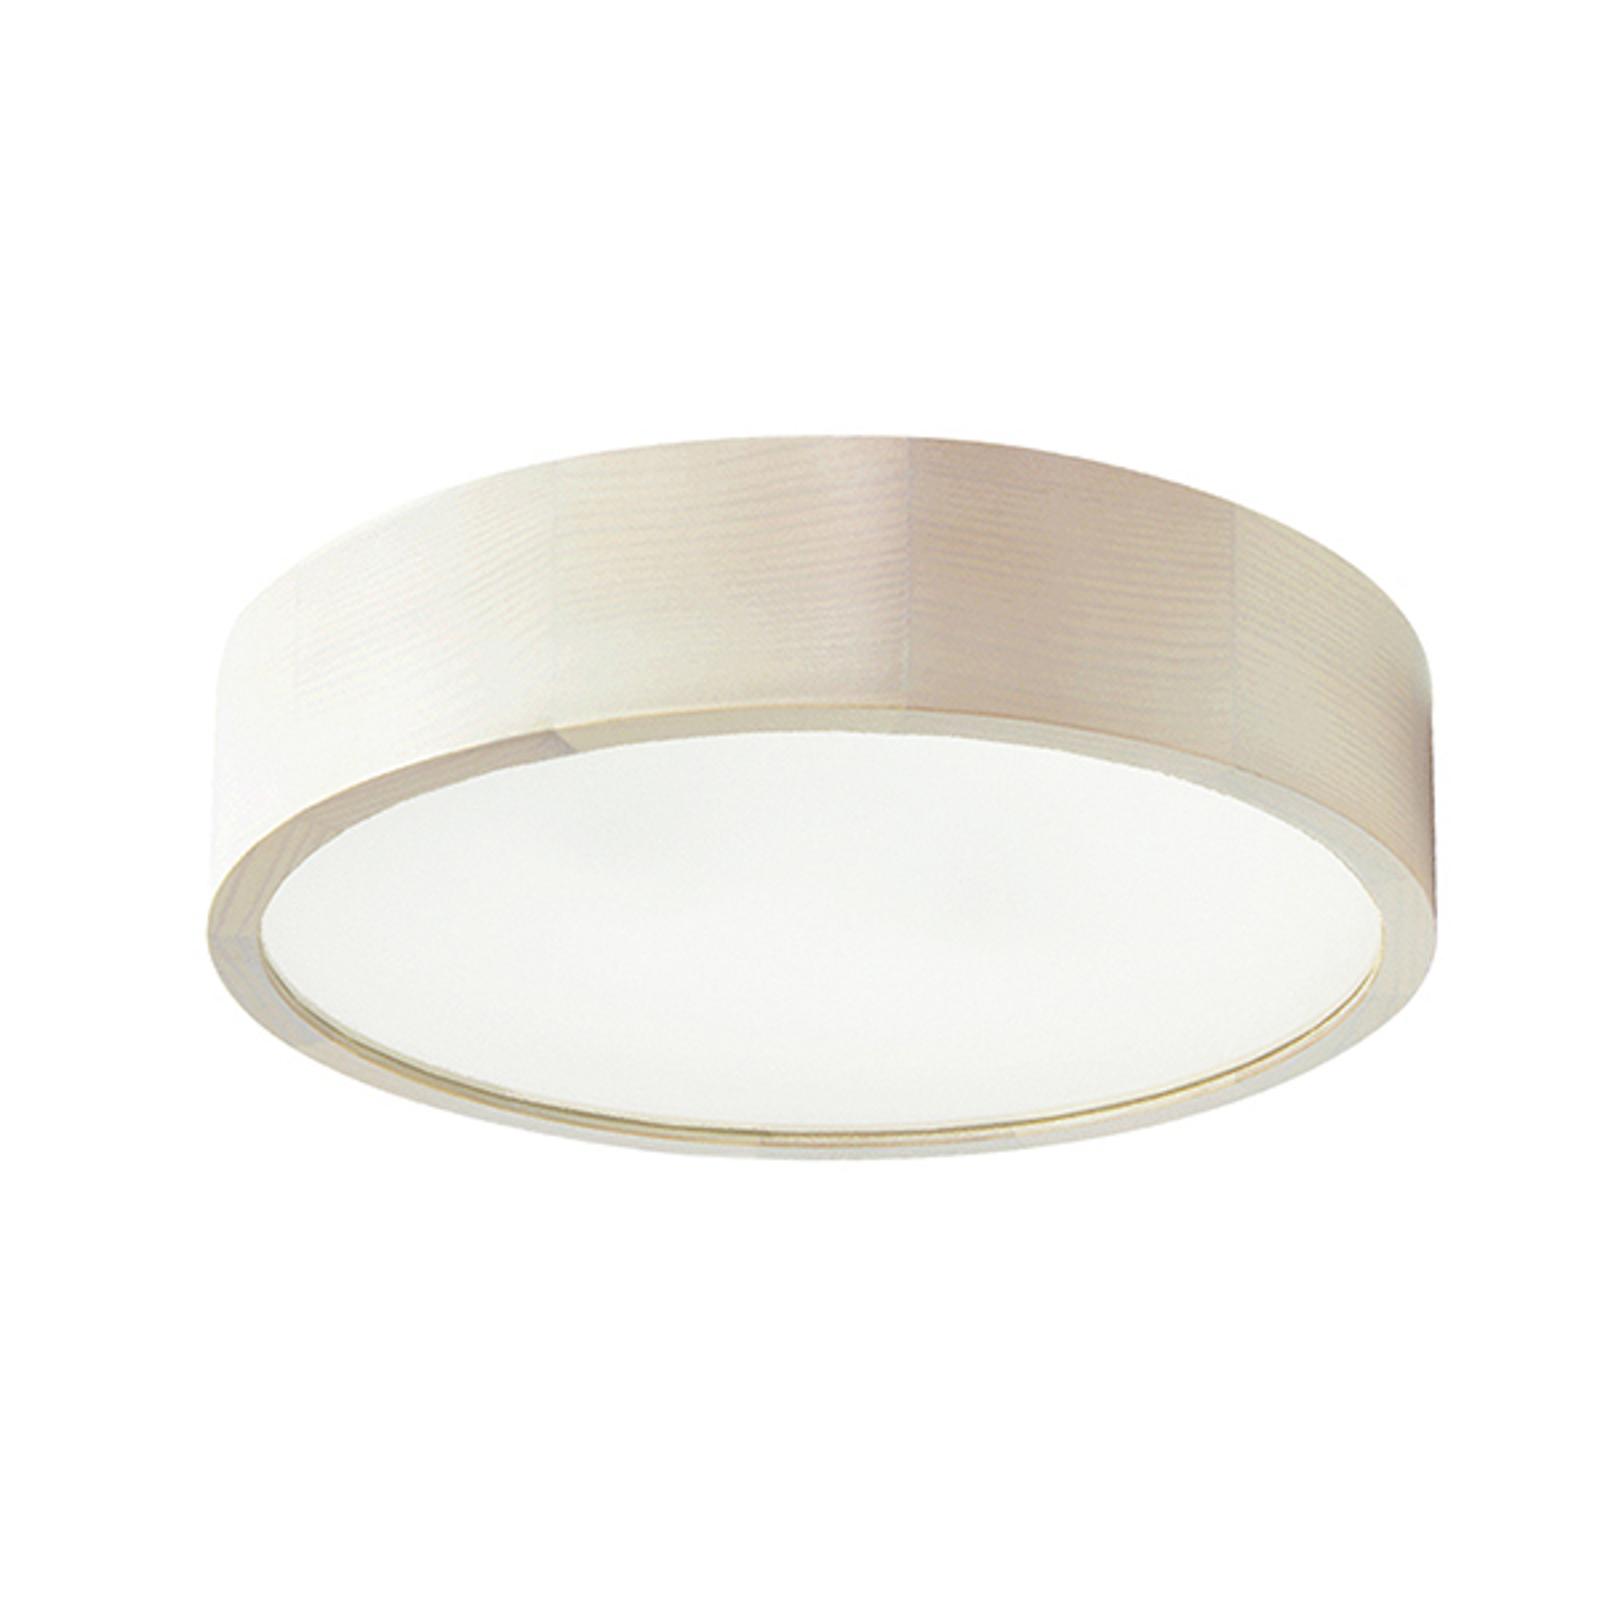 Cleo LED-loftlampe, Ø 38 cm, hvid